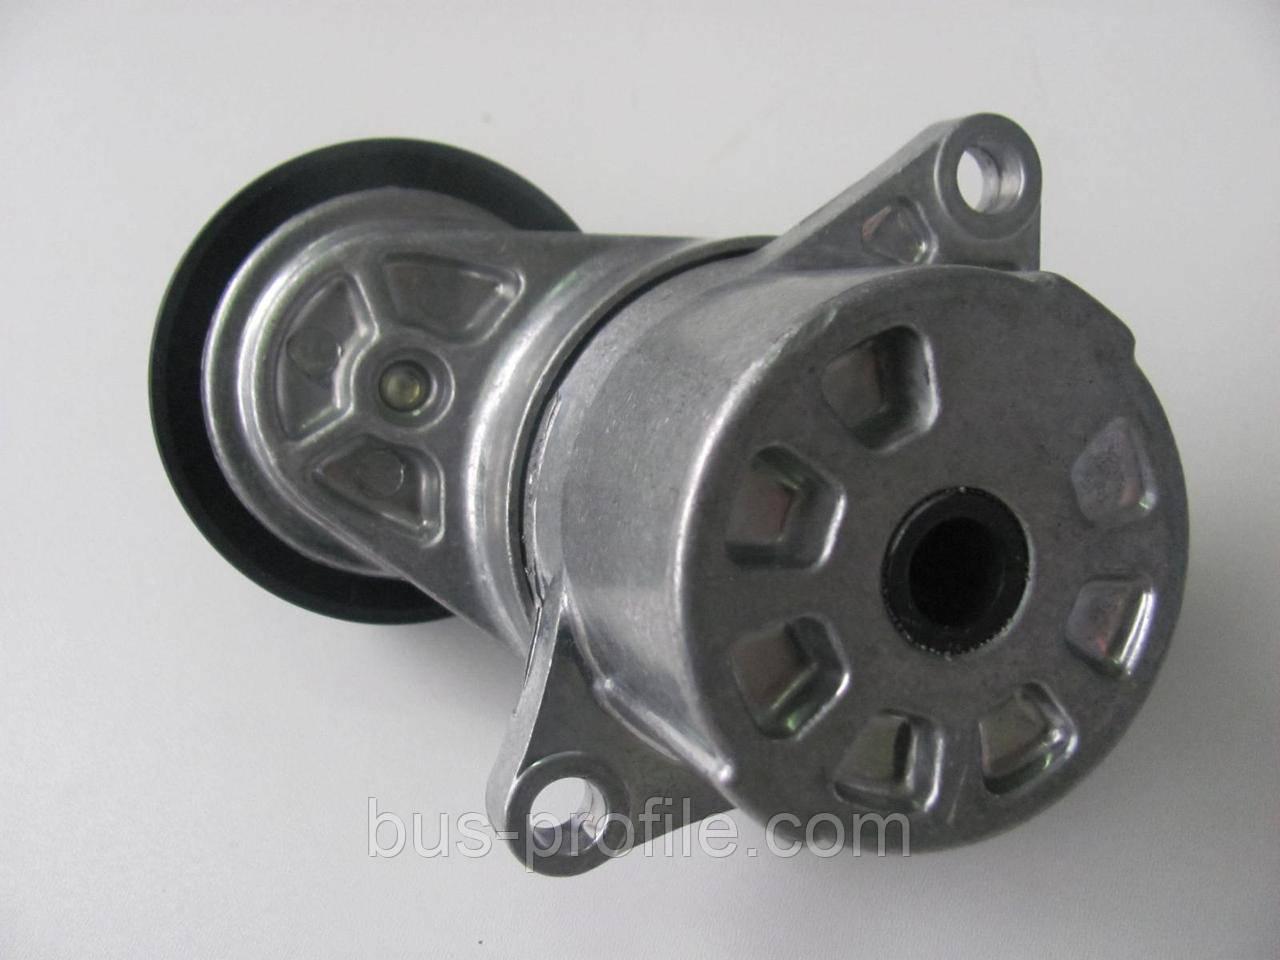 Натяжитель ремня на MB Sprinter 906, Vito 639 2.2 CDI OM651 2009→ — Trucktec Automotive (Германия) — 02.19.010